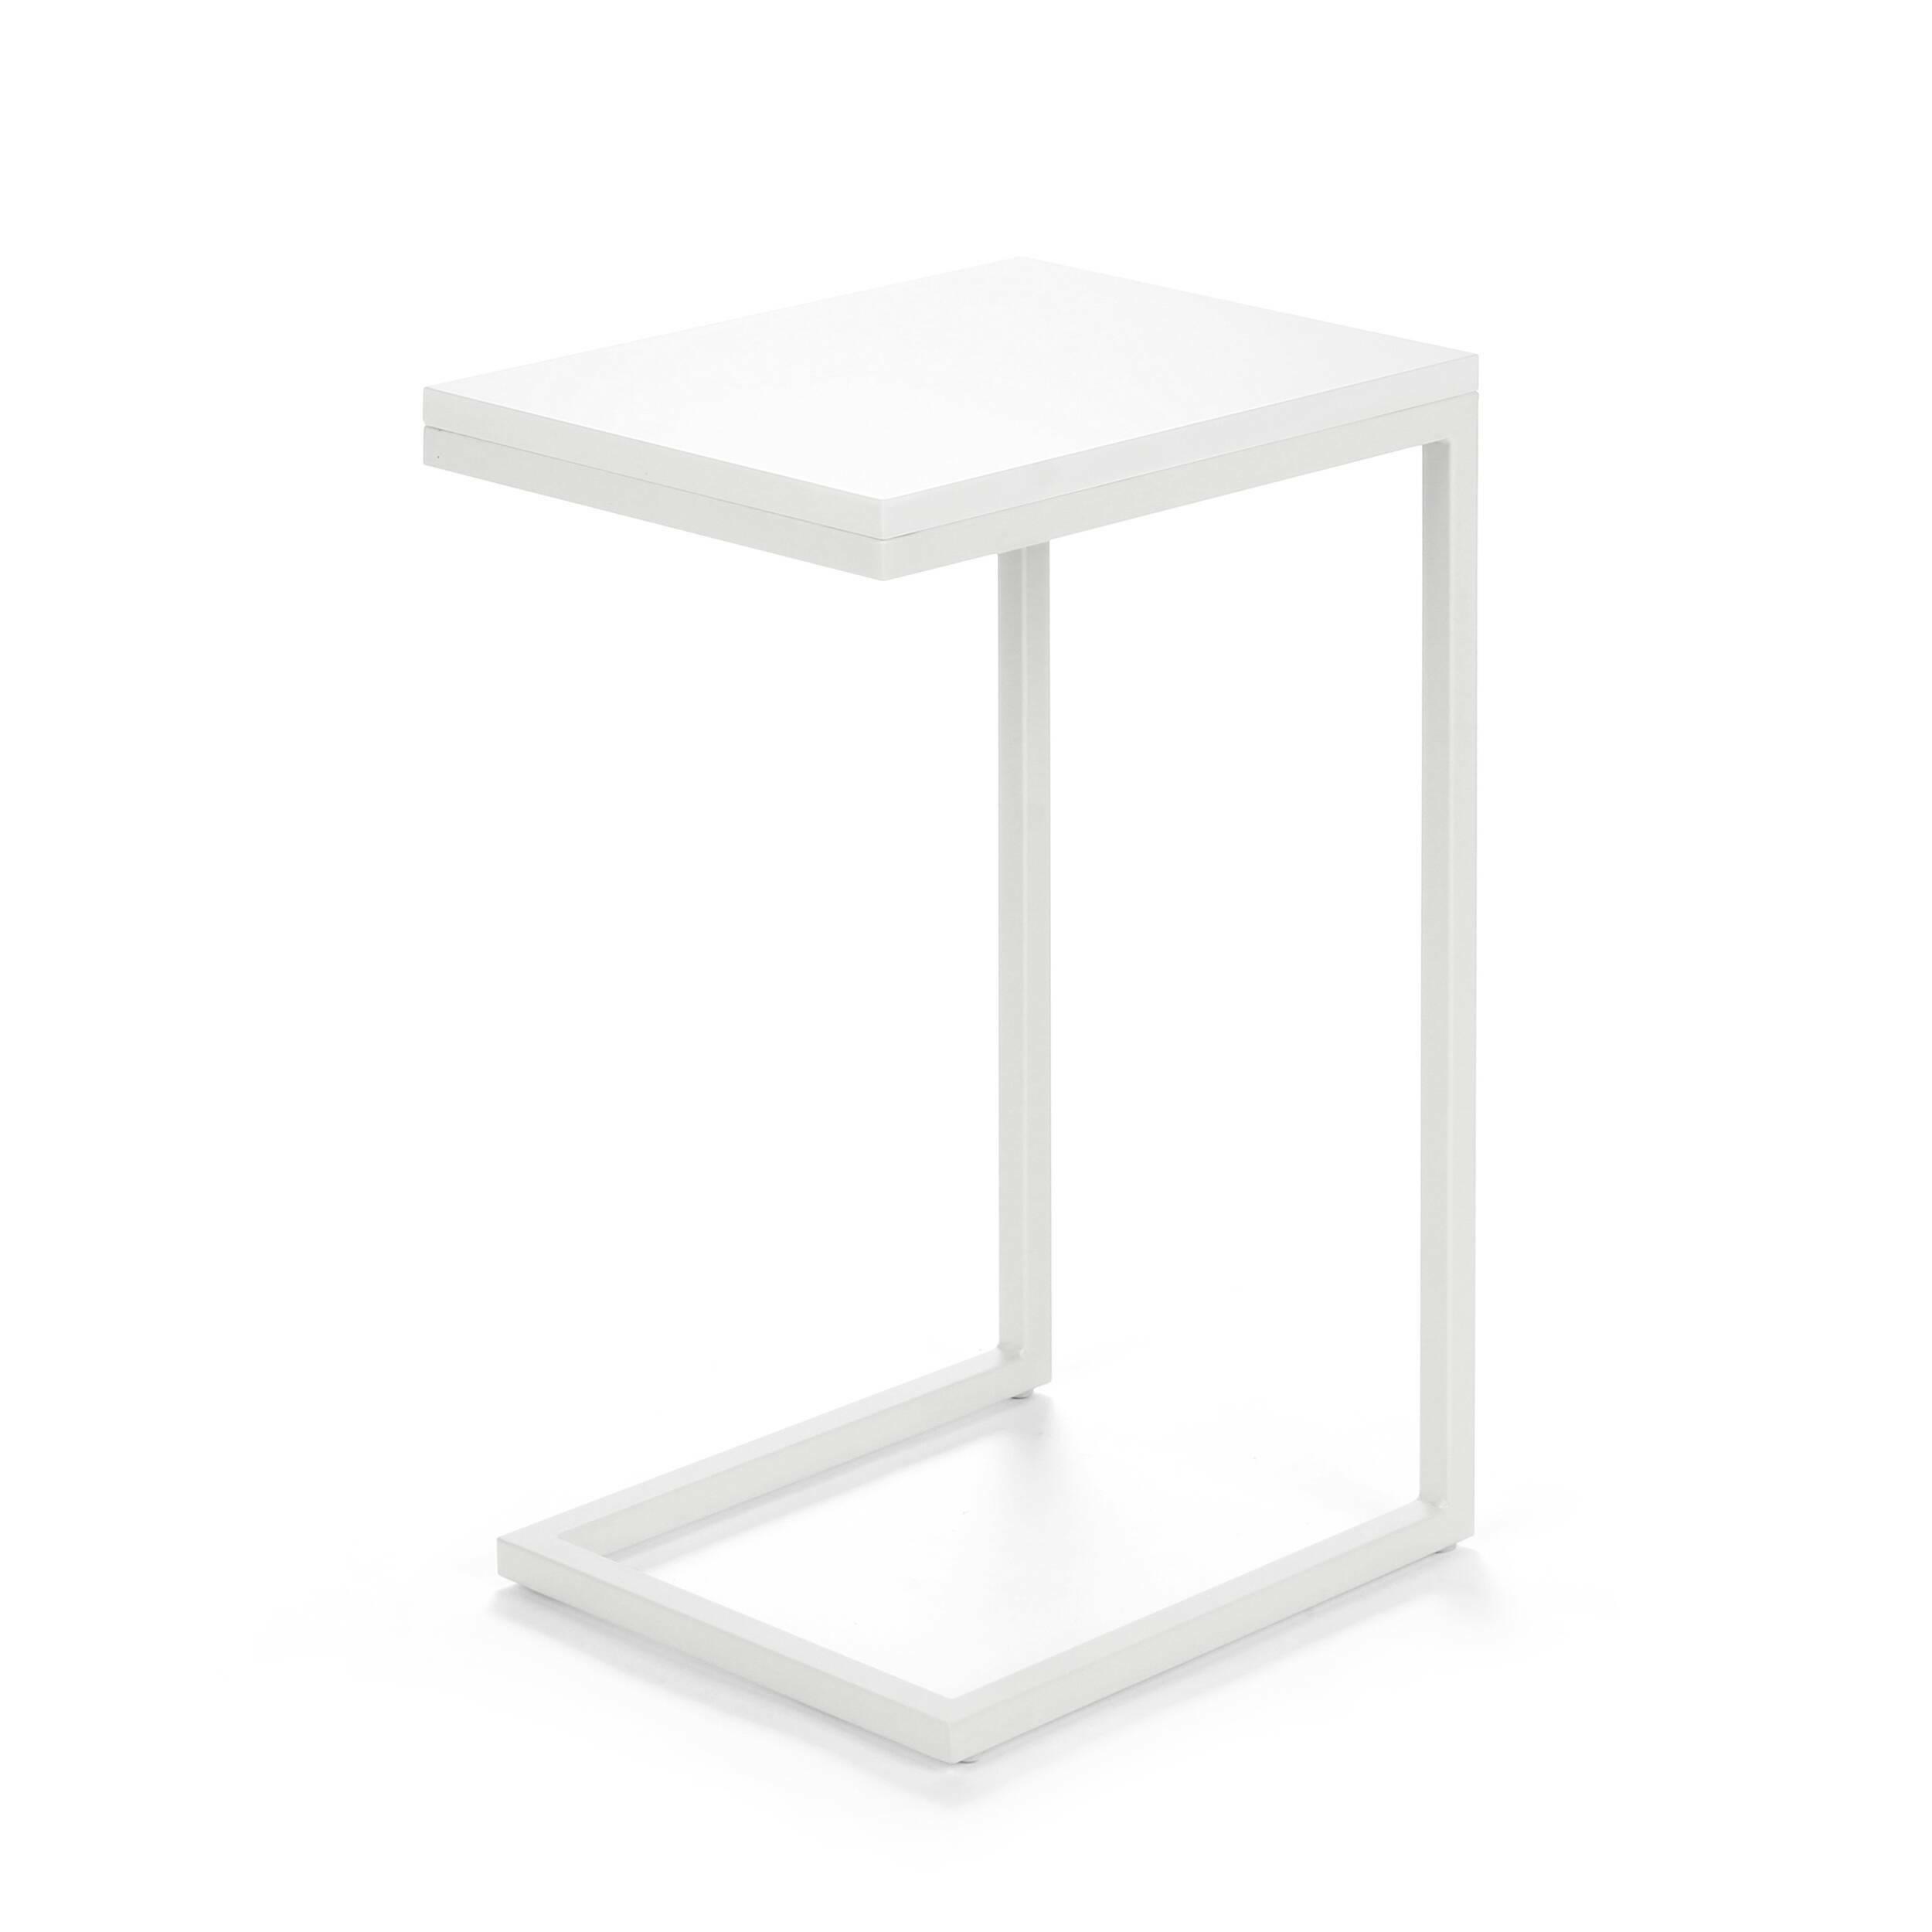 Кофейный стол OsakaКофейные столики<br>Дизайнерский придиванный небольшой кофейный стол Osaka (Осака) на белых ножках от Cosmo (Космо).<br><br><br> Кофейный стол Osaka — это уютный придиванный столик в современном стиле. Благодаря минималистичности дизайна, использовать его можно в различных по стилю гостиных комнатах — в стиле лофт, хай-тек или техно. <br><br><br> Привычный облик кофейного стола навсегда изменился, дизайнеры заменили четыре ножки стола на одну сбалансированную конструкцию. Теперь благодаря этому оригинальный столик можно ...<br><br>stock: 0<br>Высота: 60<br>Ширина: 30<br>Длина: 40<br>Цвет ножек: Белый<br>Цвет столешницы: Белый глянцевый<br>Тип материала столешницы: МДФ<br>Тип материала ножек: Сталь